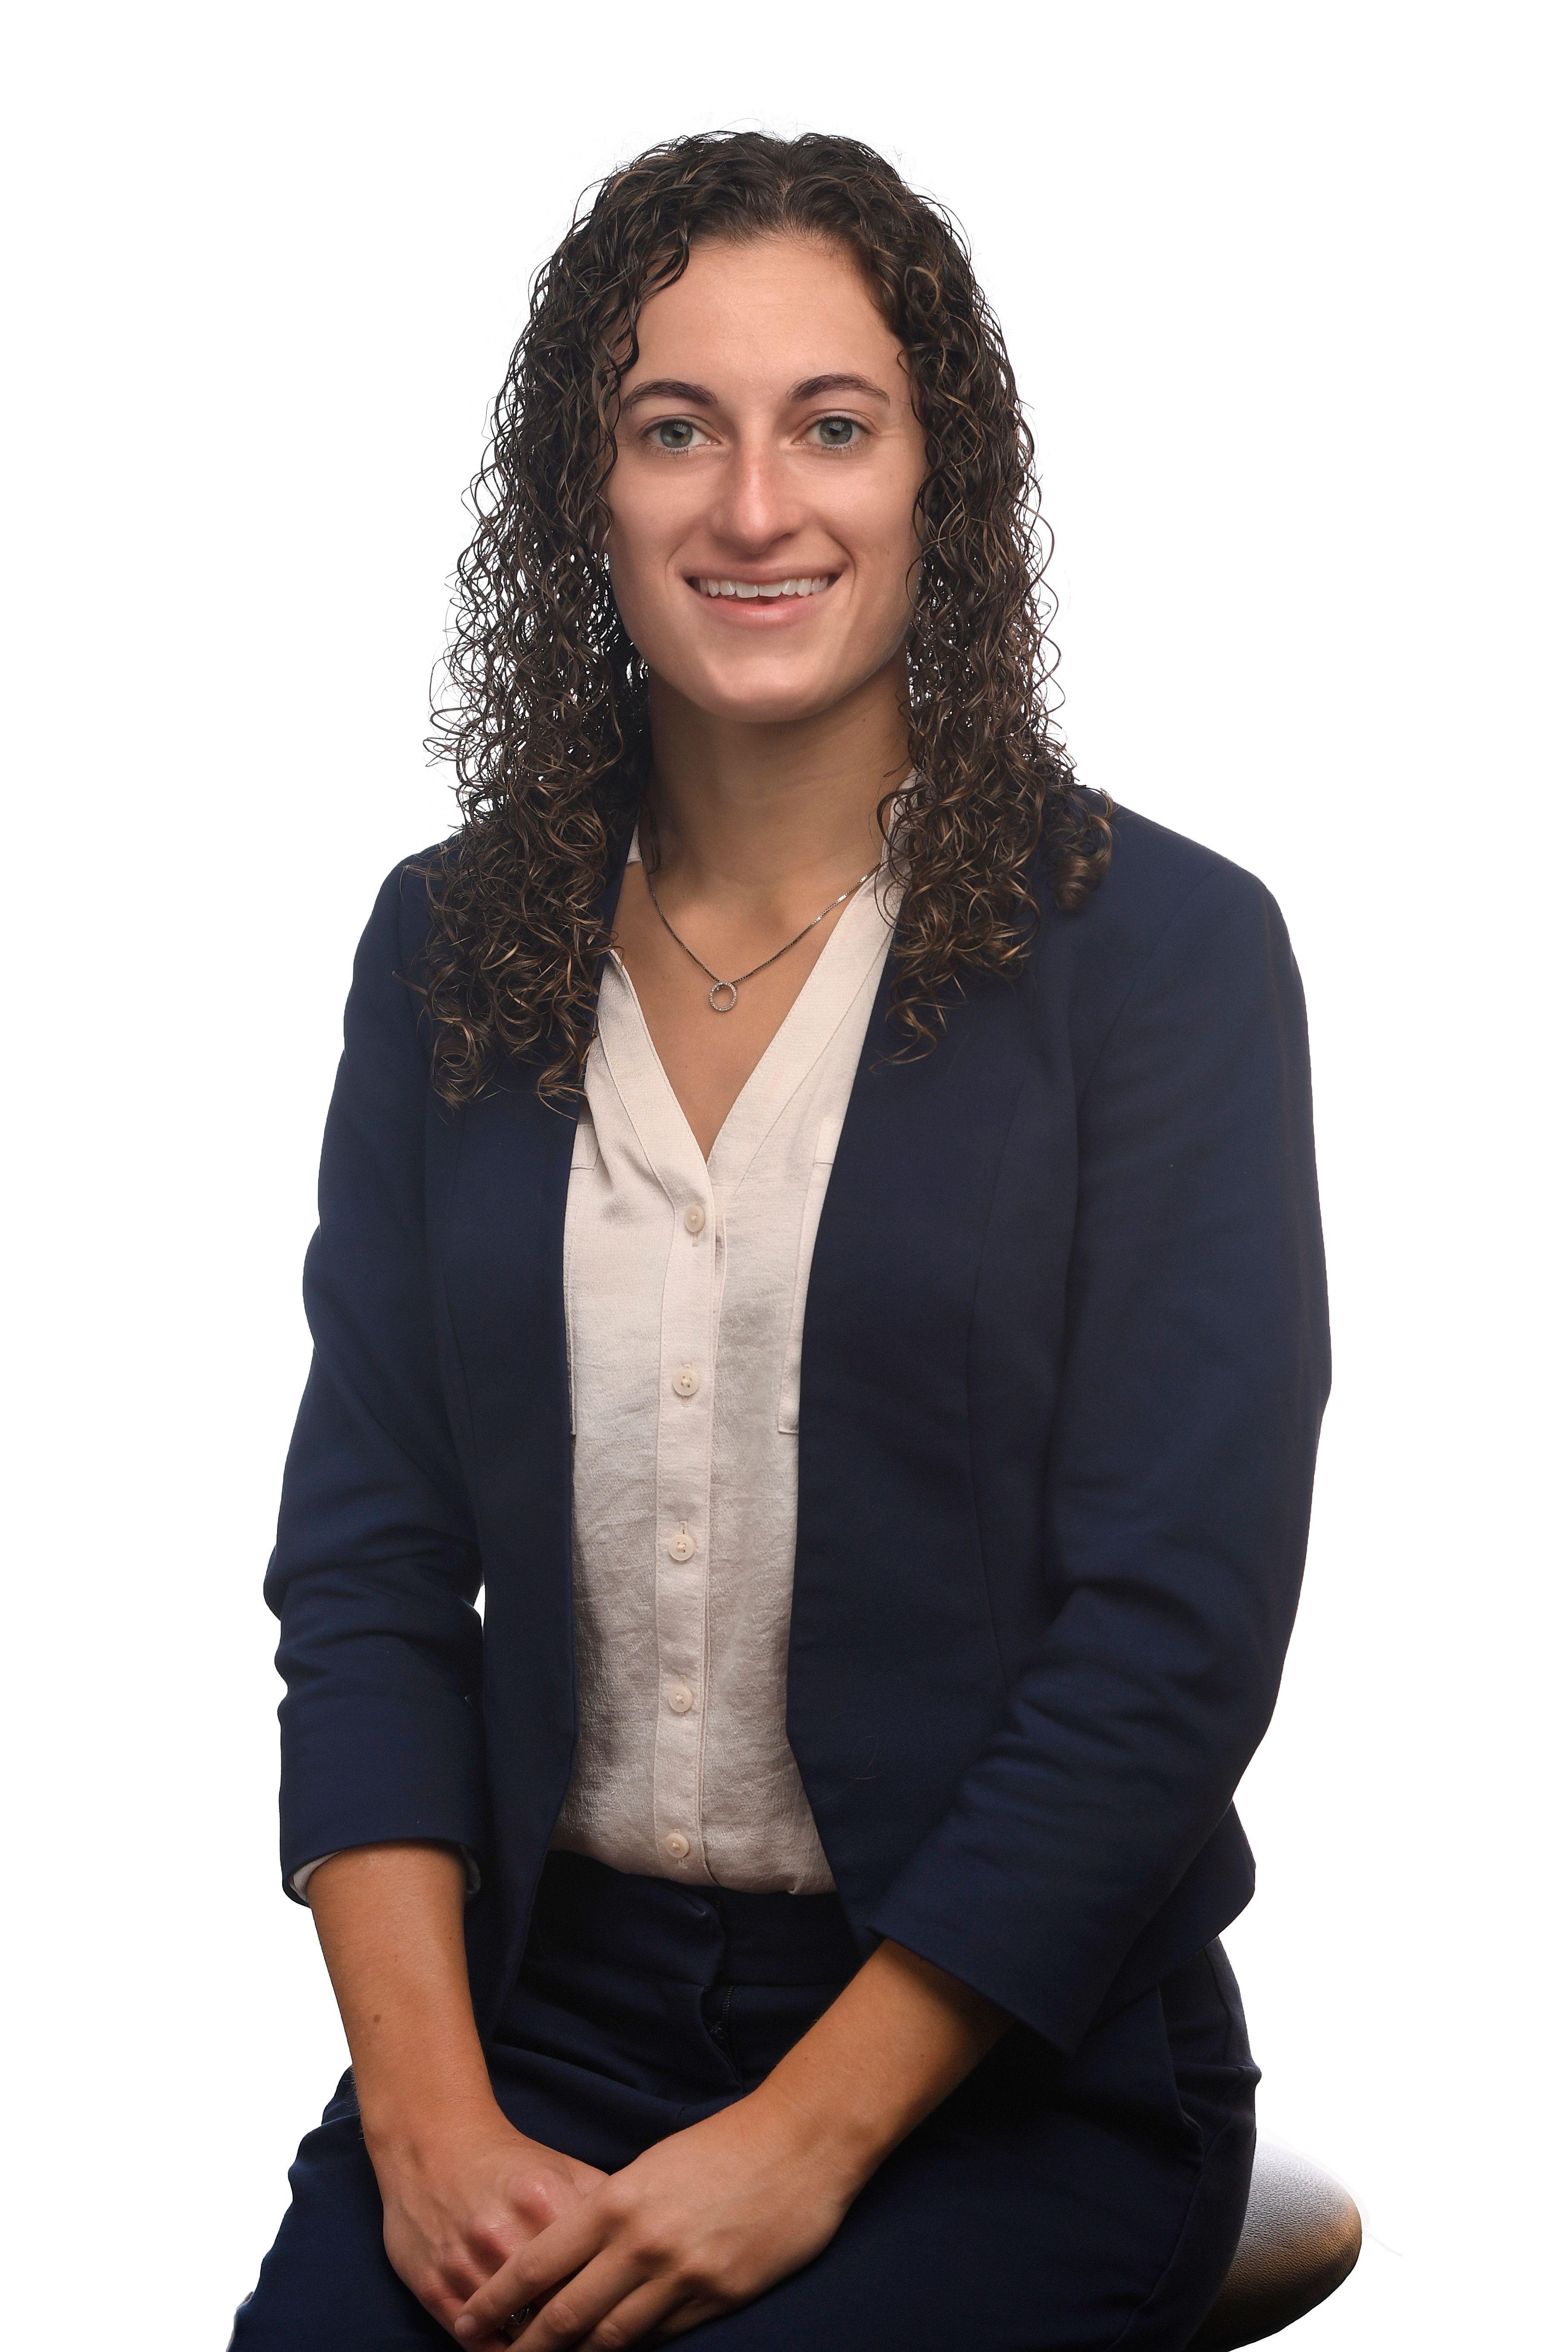 Kristin Dobransky